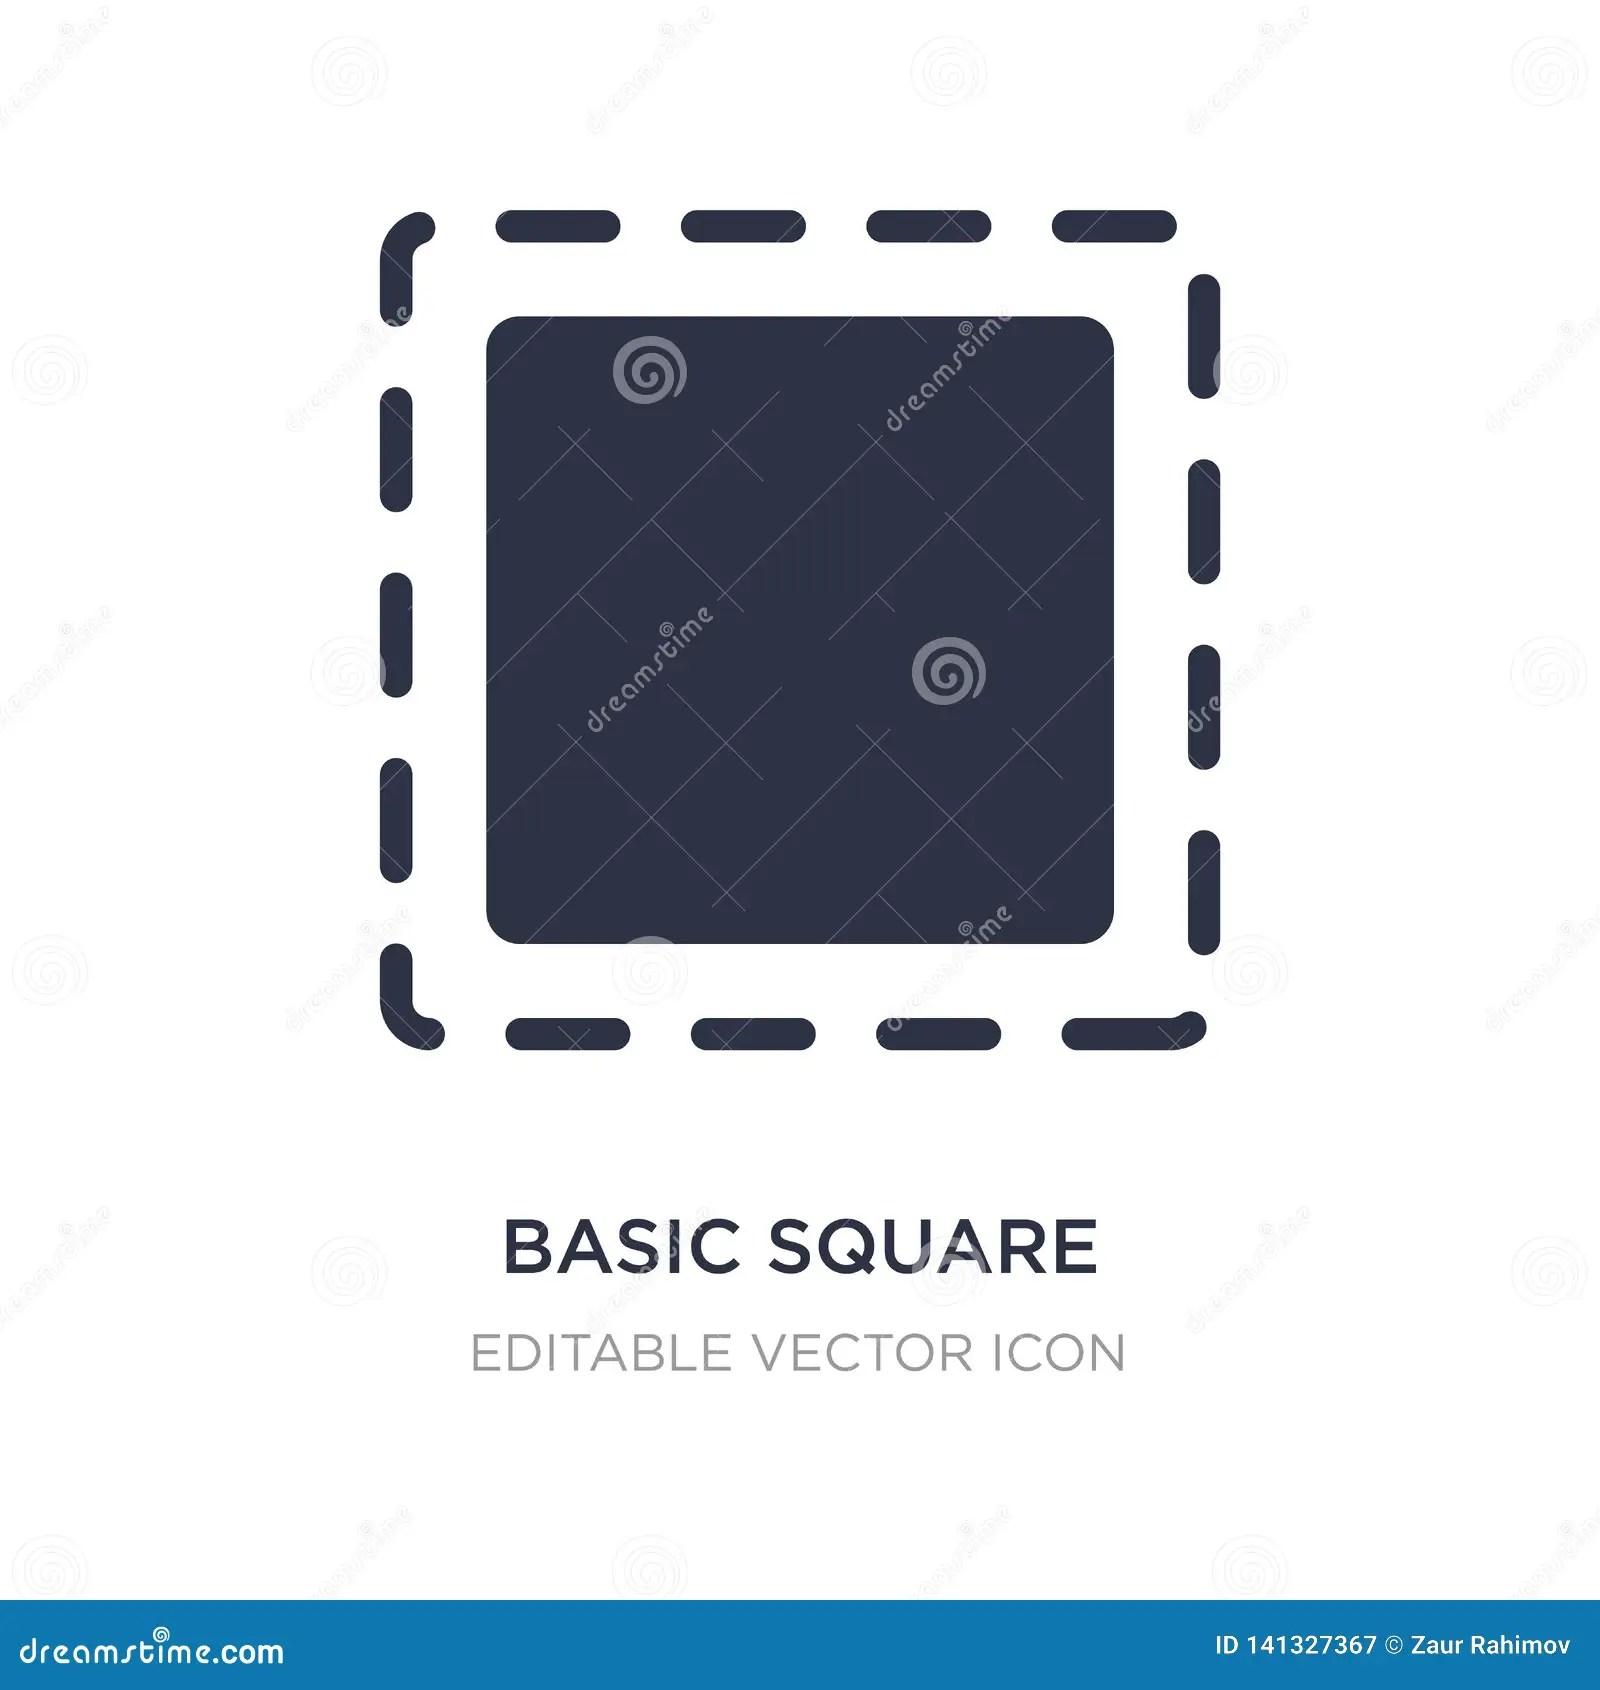 Cartoon Basic Geometric Shapes Smiling Shapes Isolated